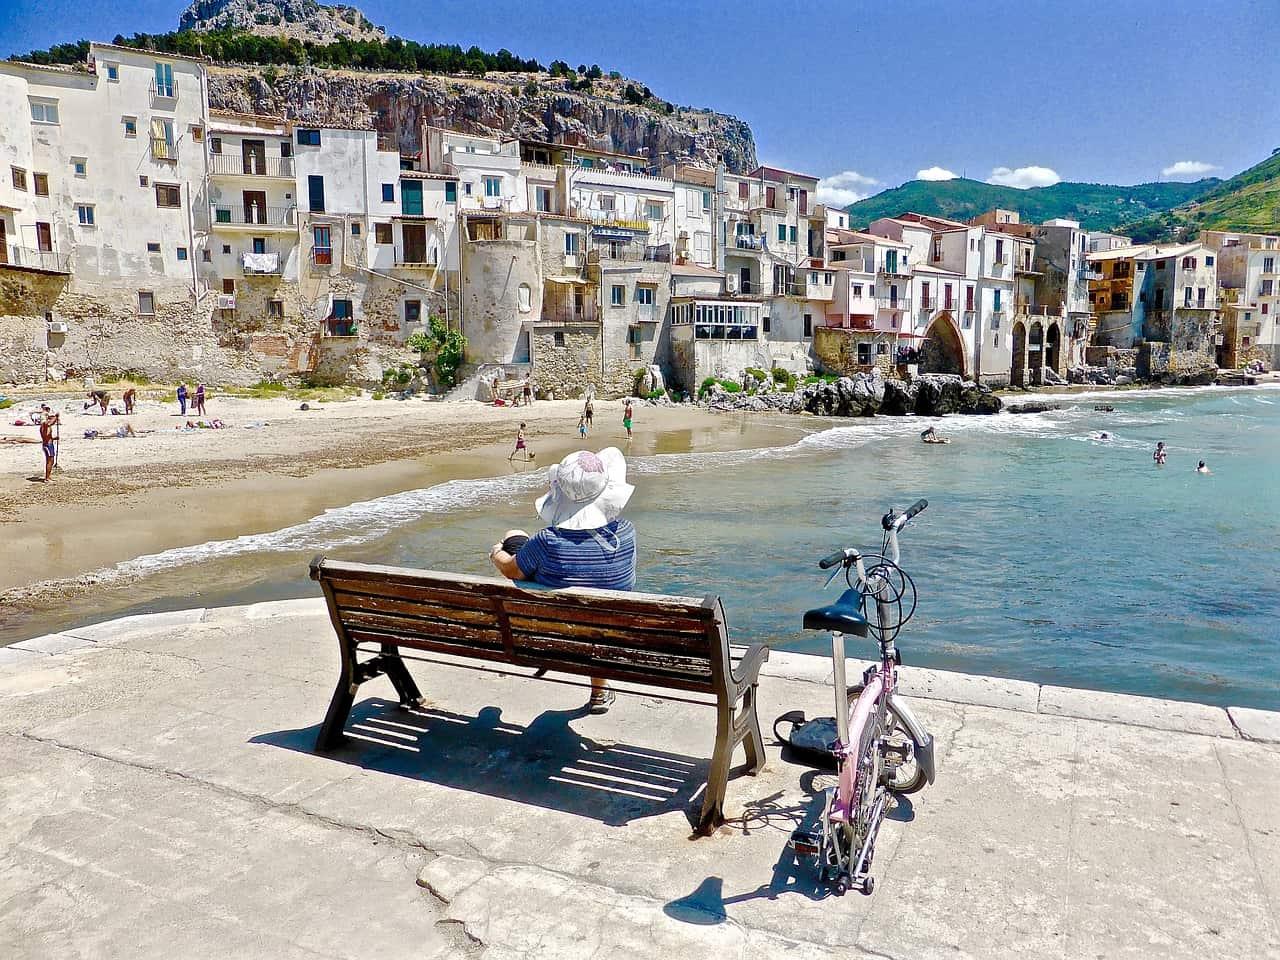 Paseo de Cefalu en la isla de Sicilia, Italia